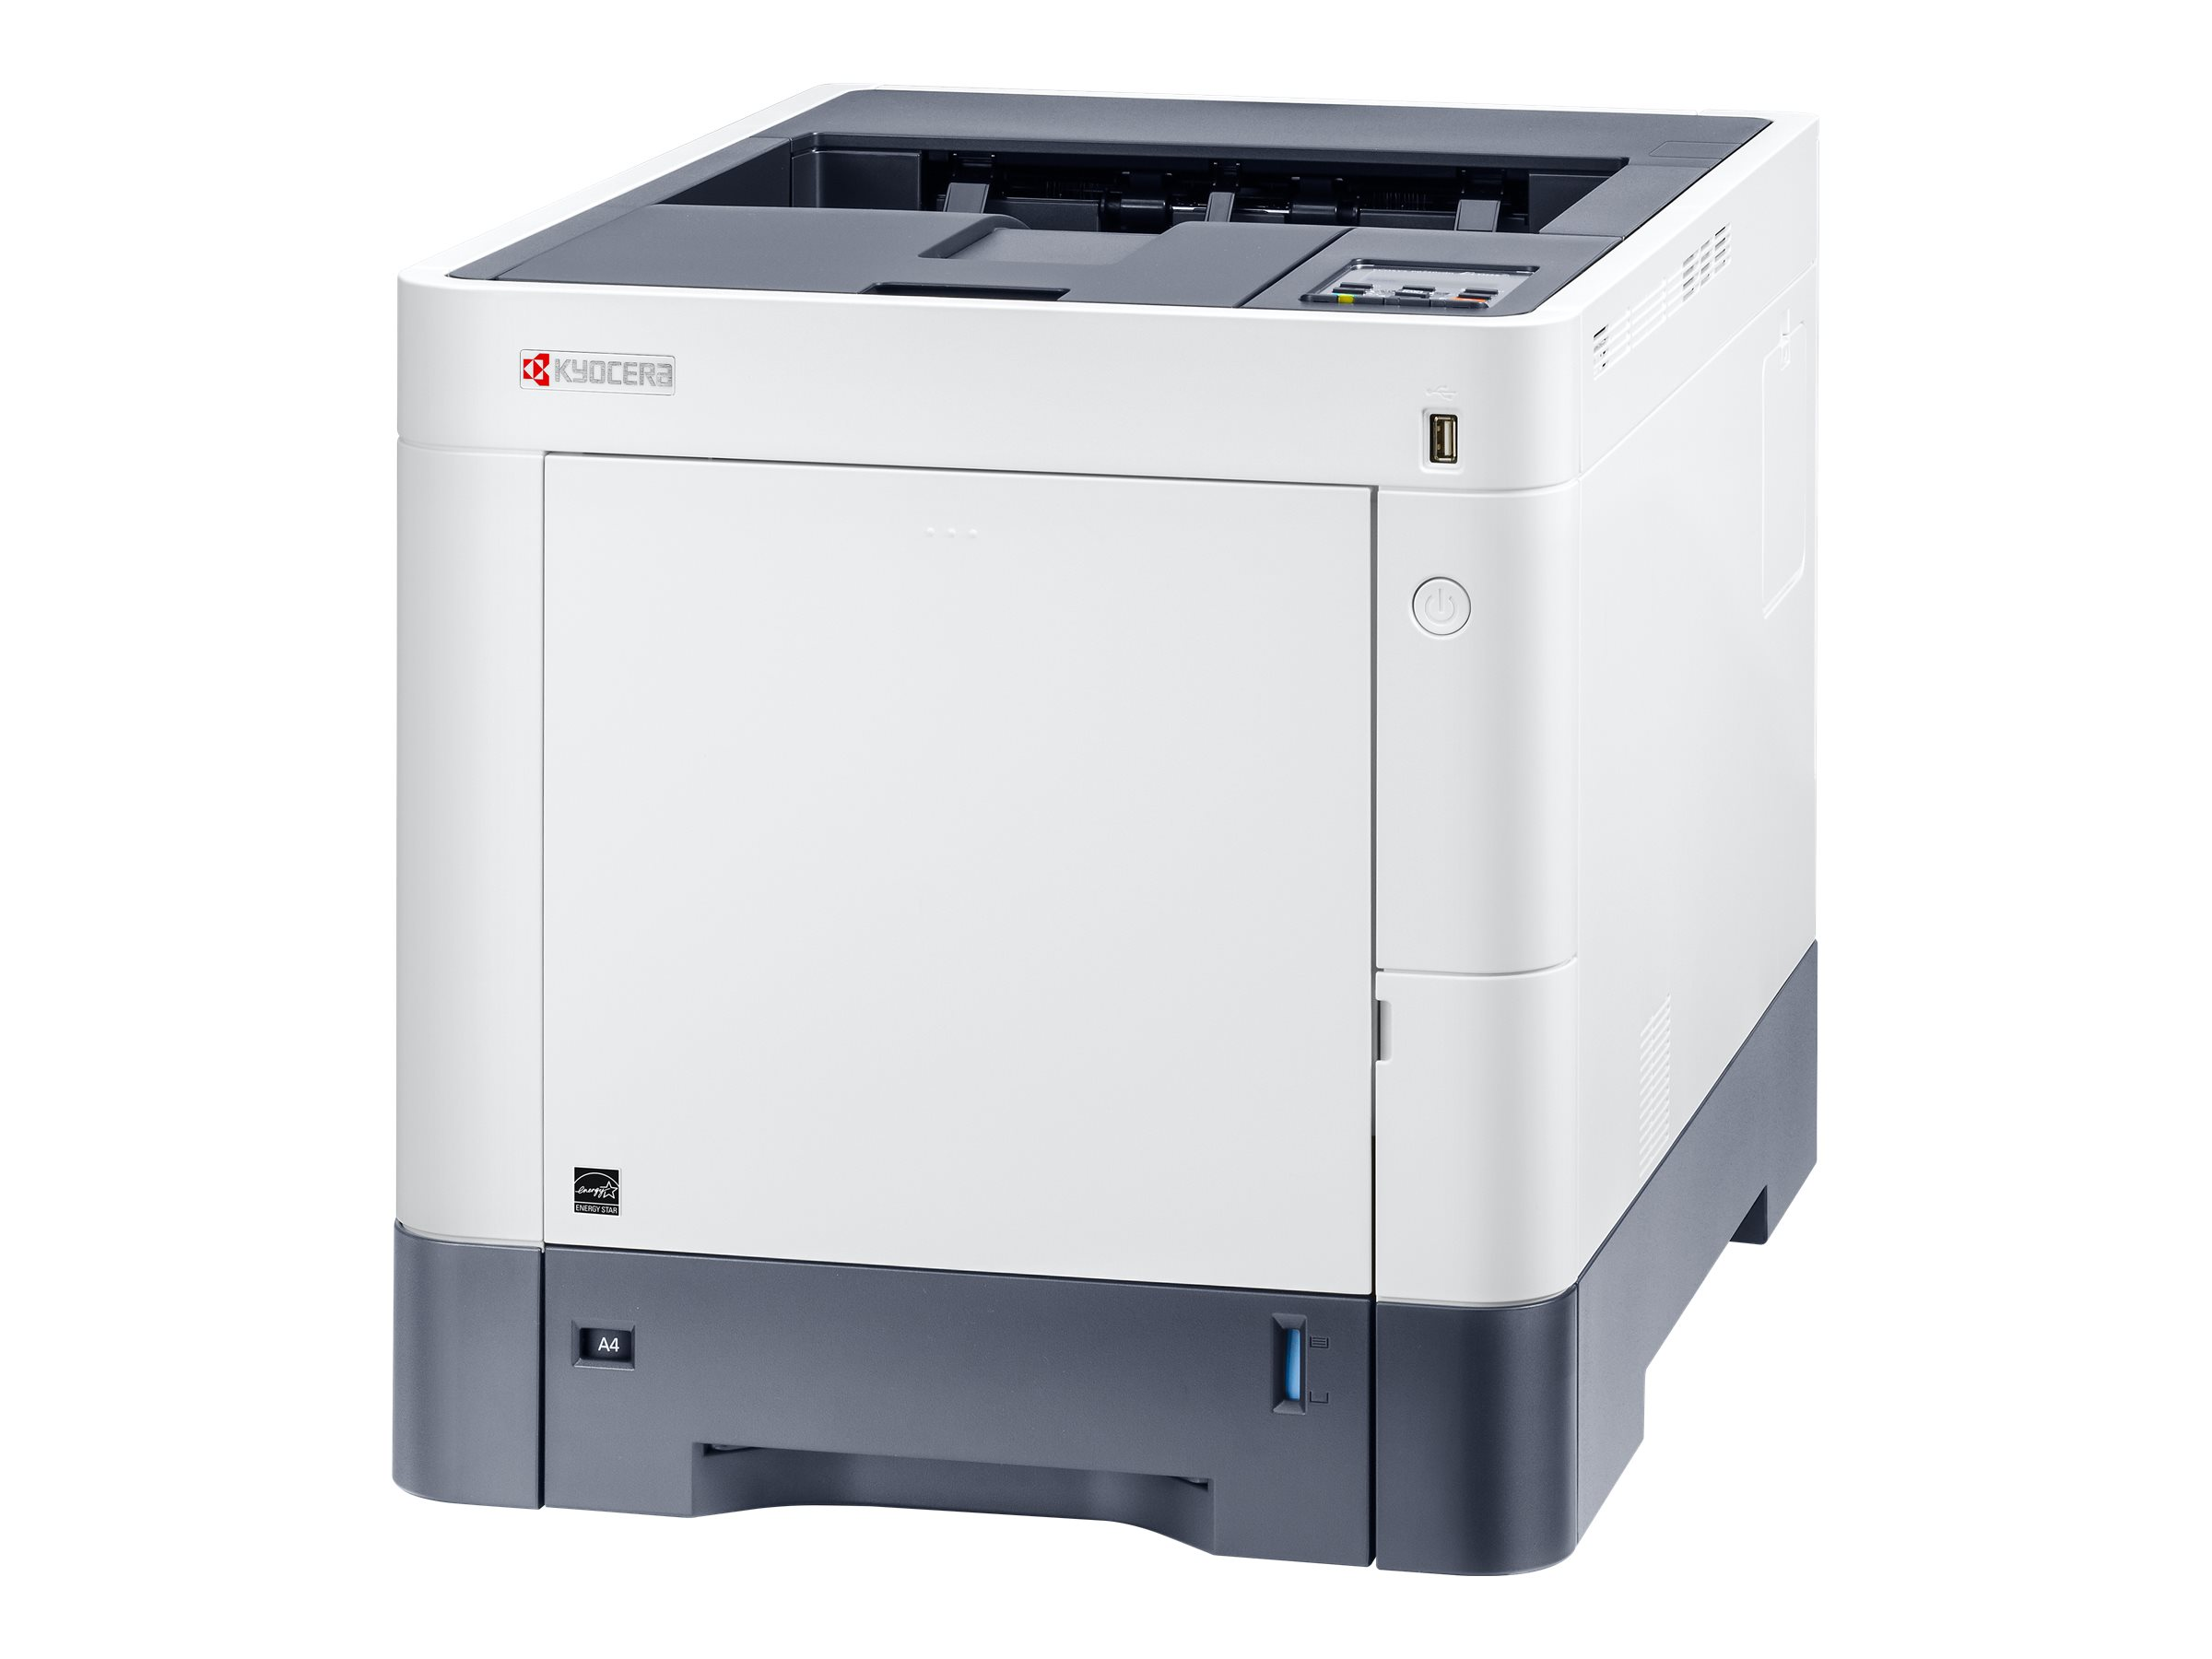 Kyocera ECOSYS P6230cdn - Drucker - Farbe - Duplex - Laser - A4/Legal - 1200 x 1200 dpi - bis zu 30 Seiten/Min. (einfarbig)/